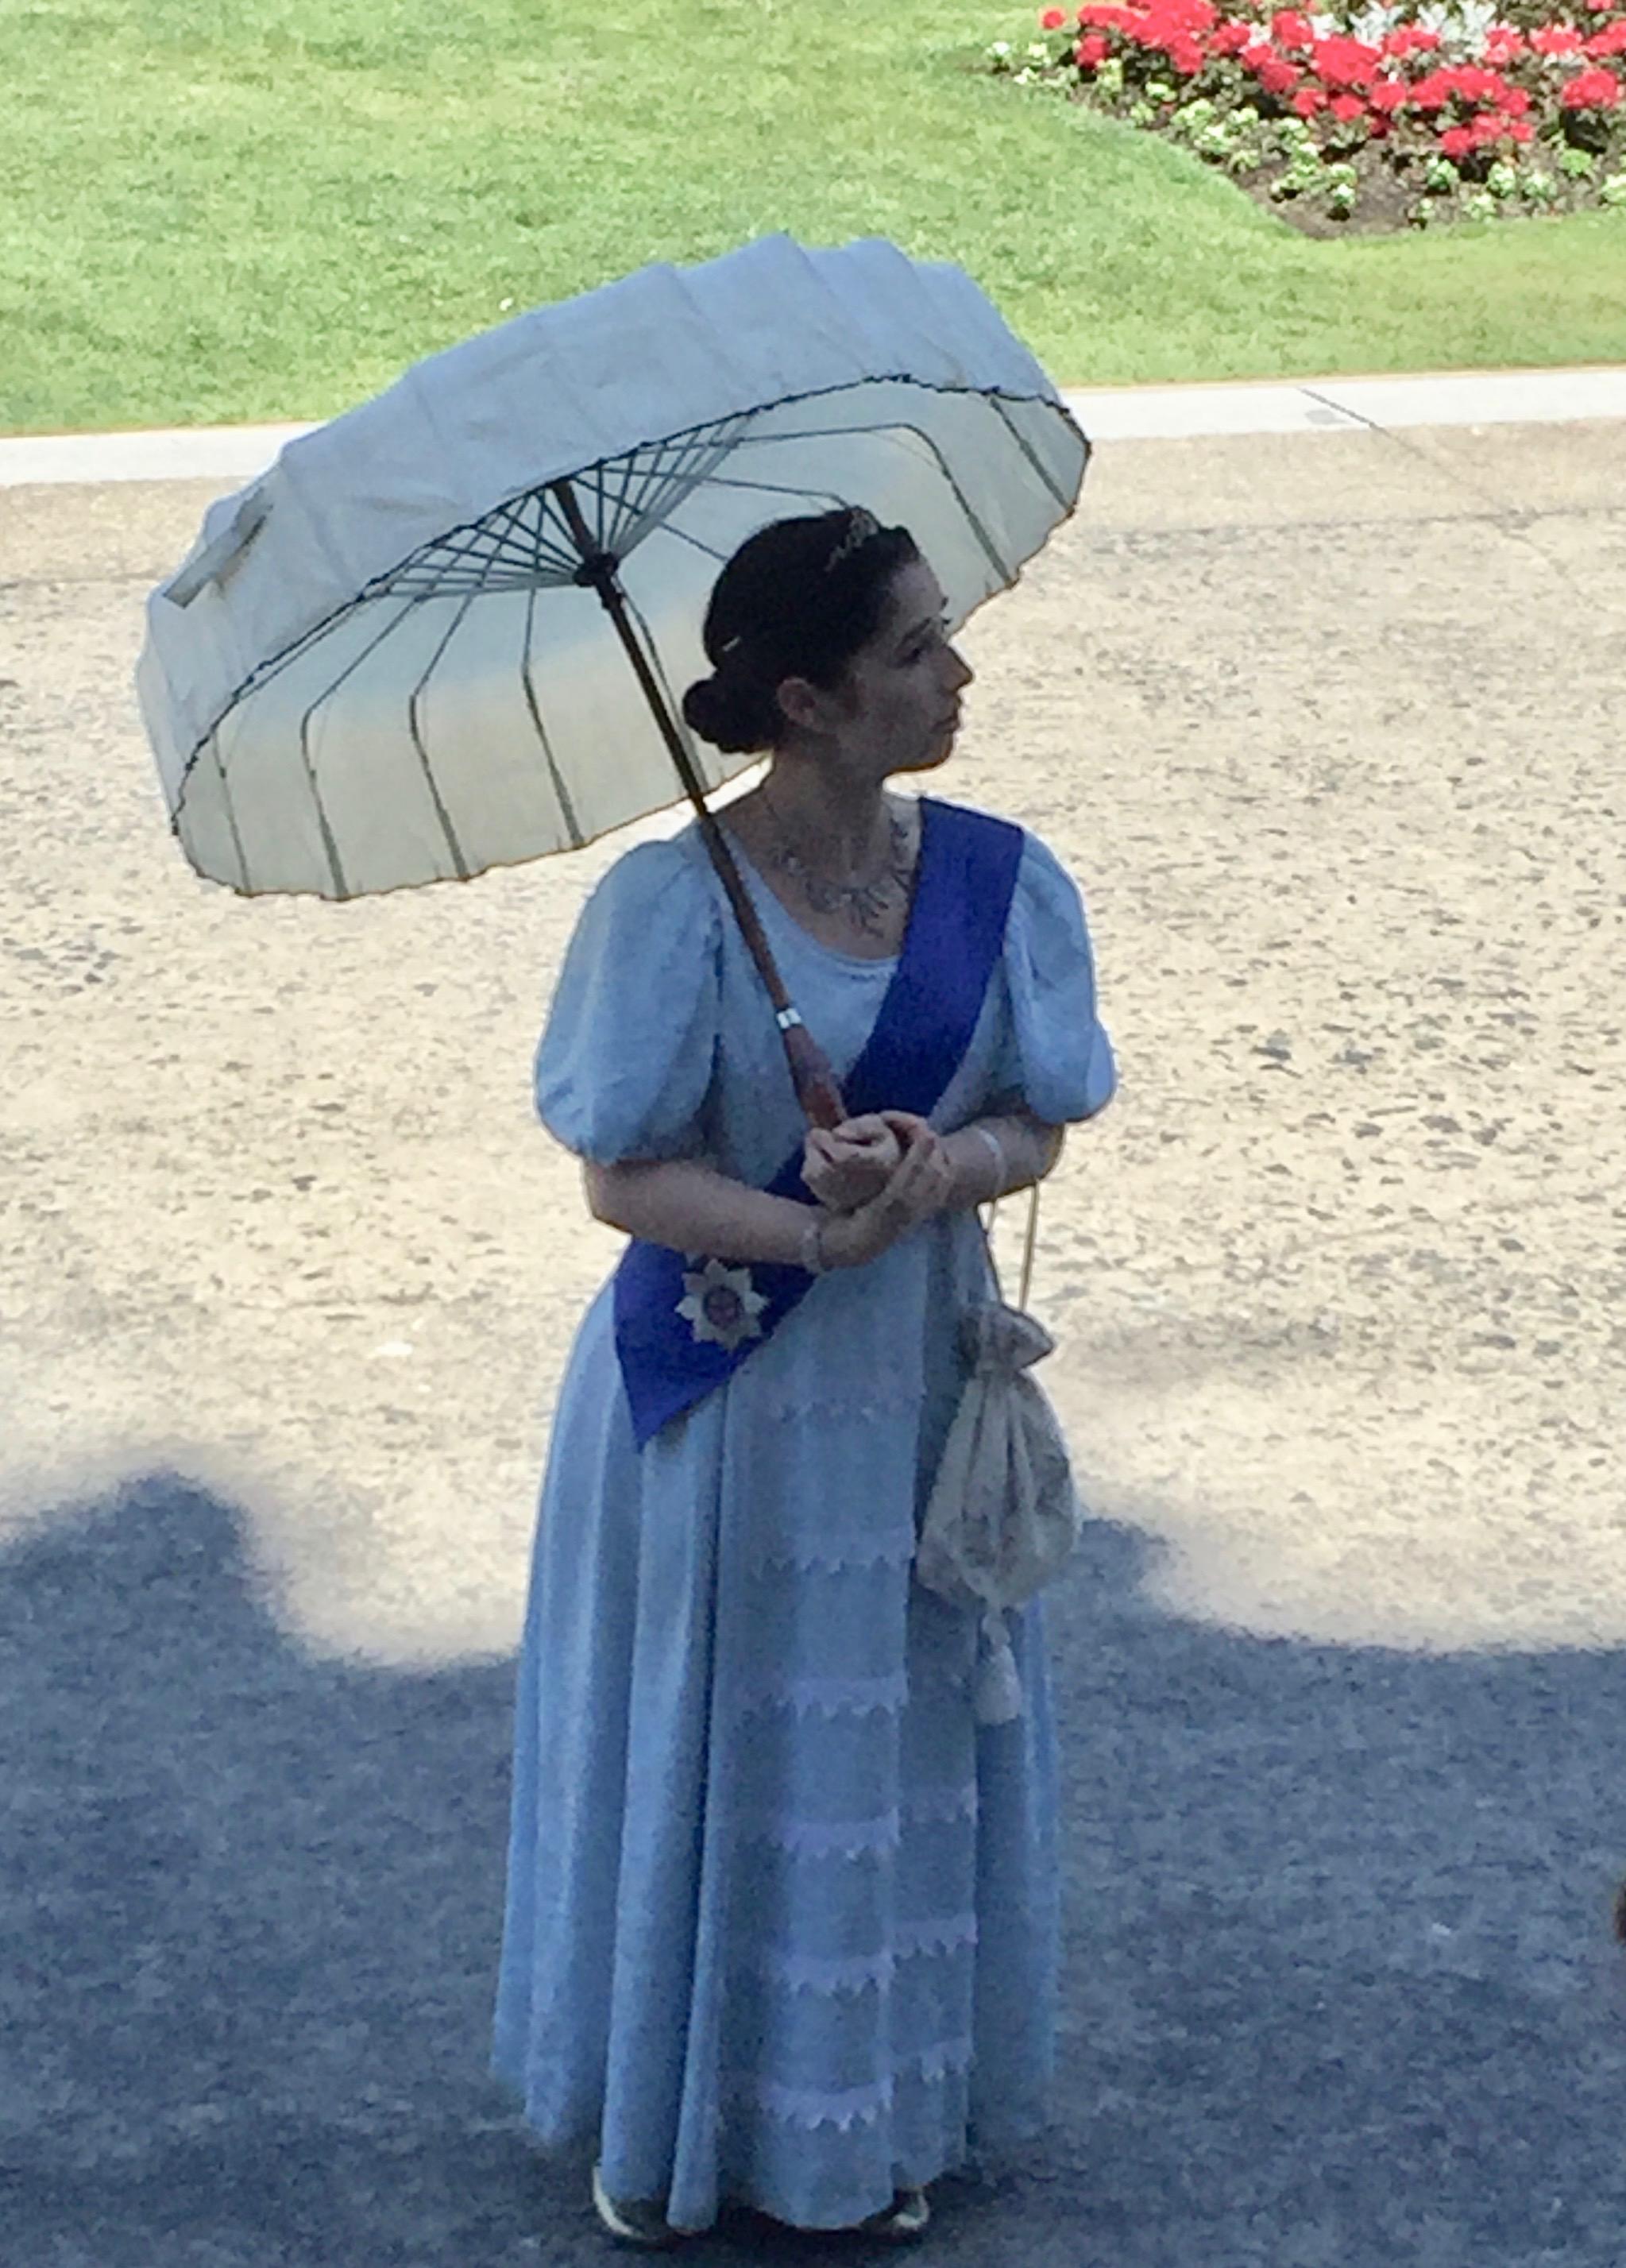 Docent enacting Queen Victoria